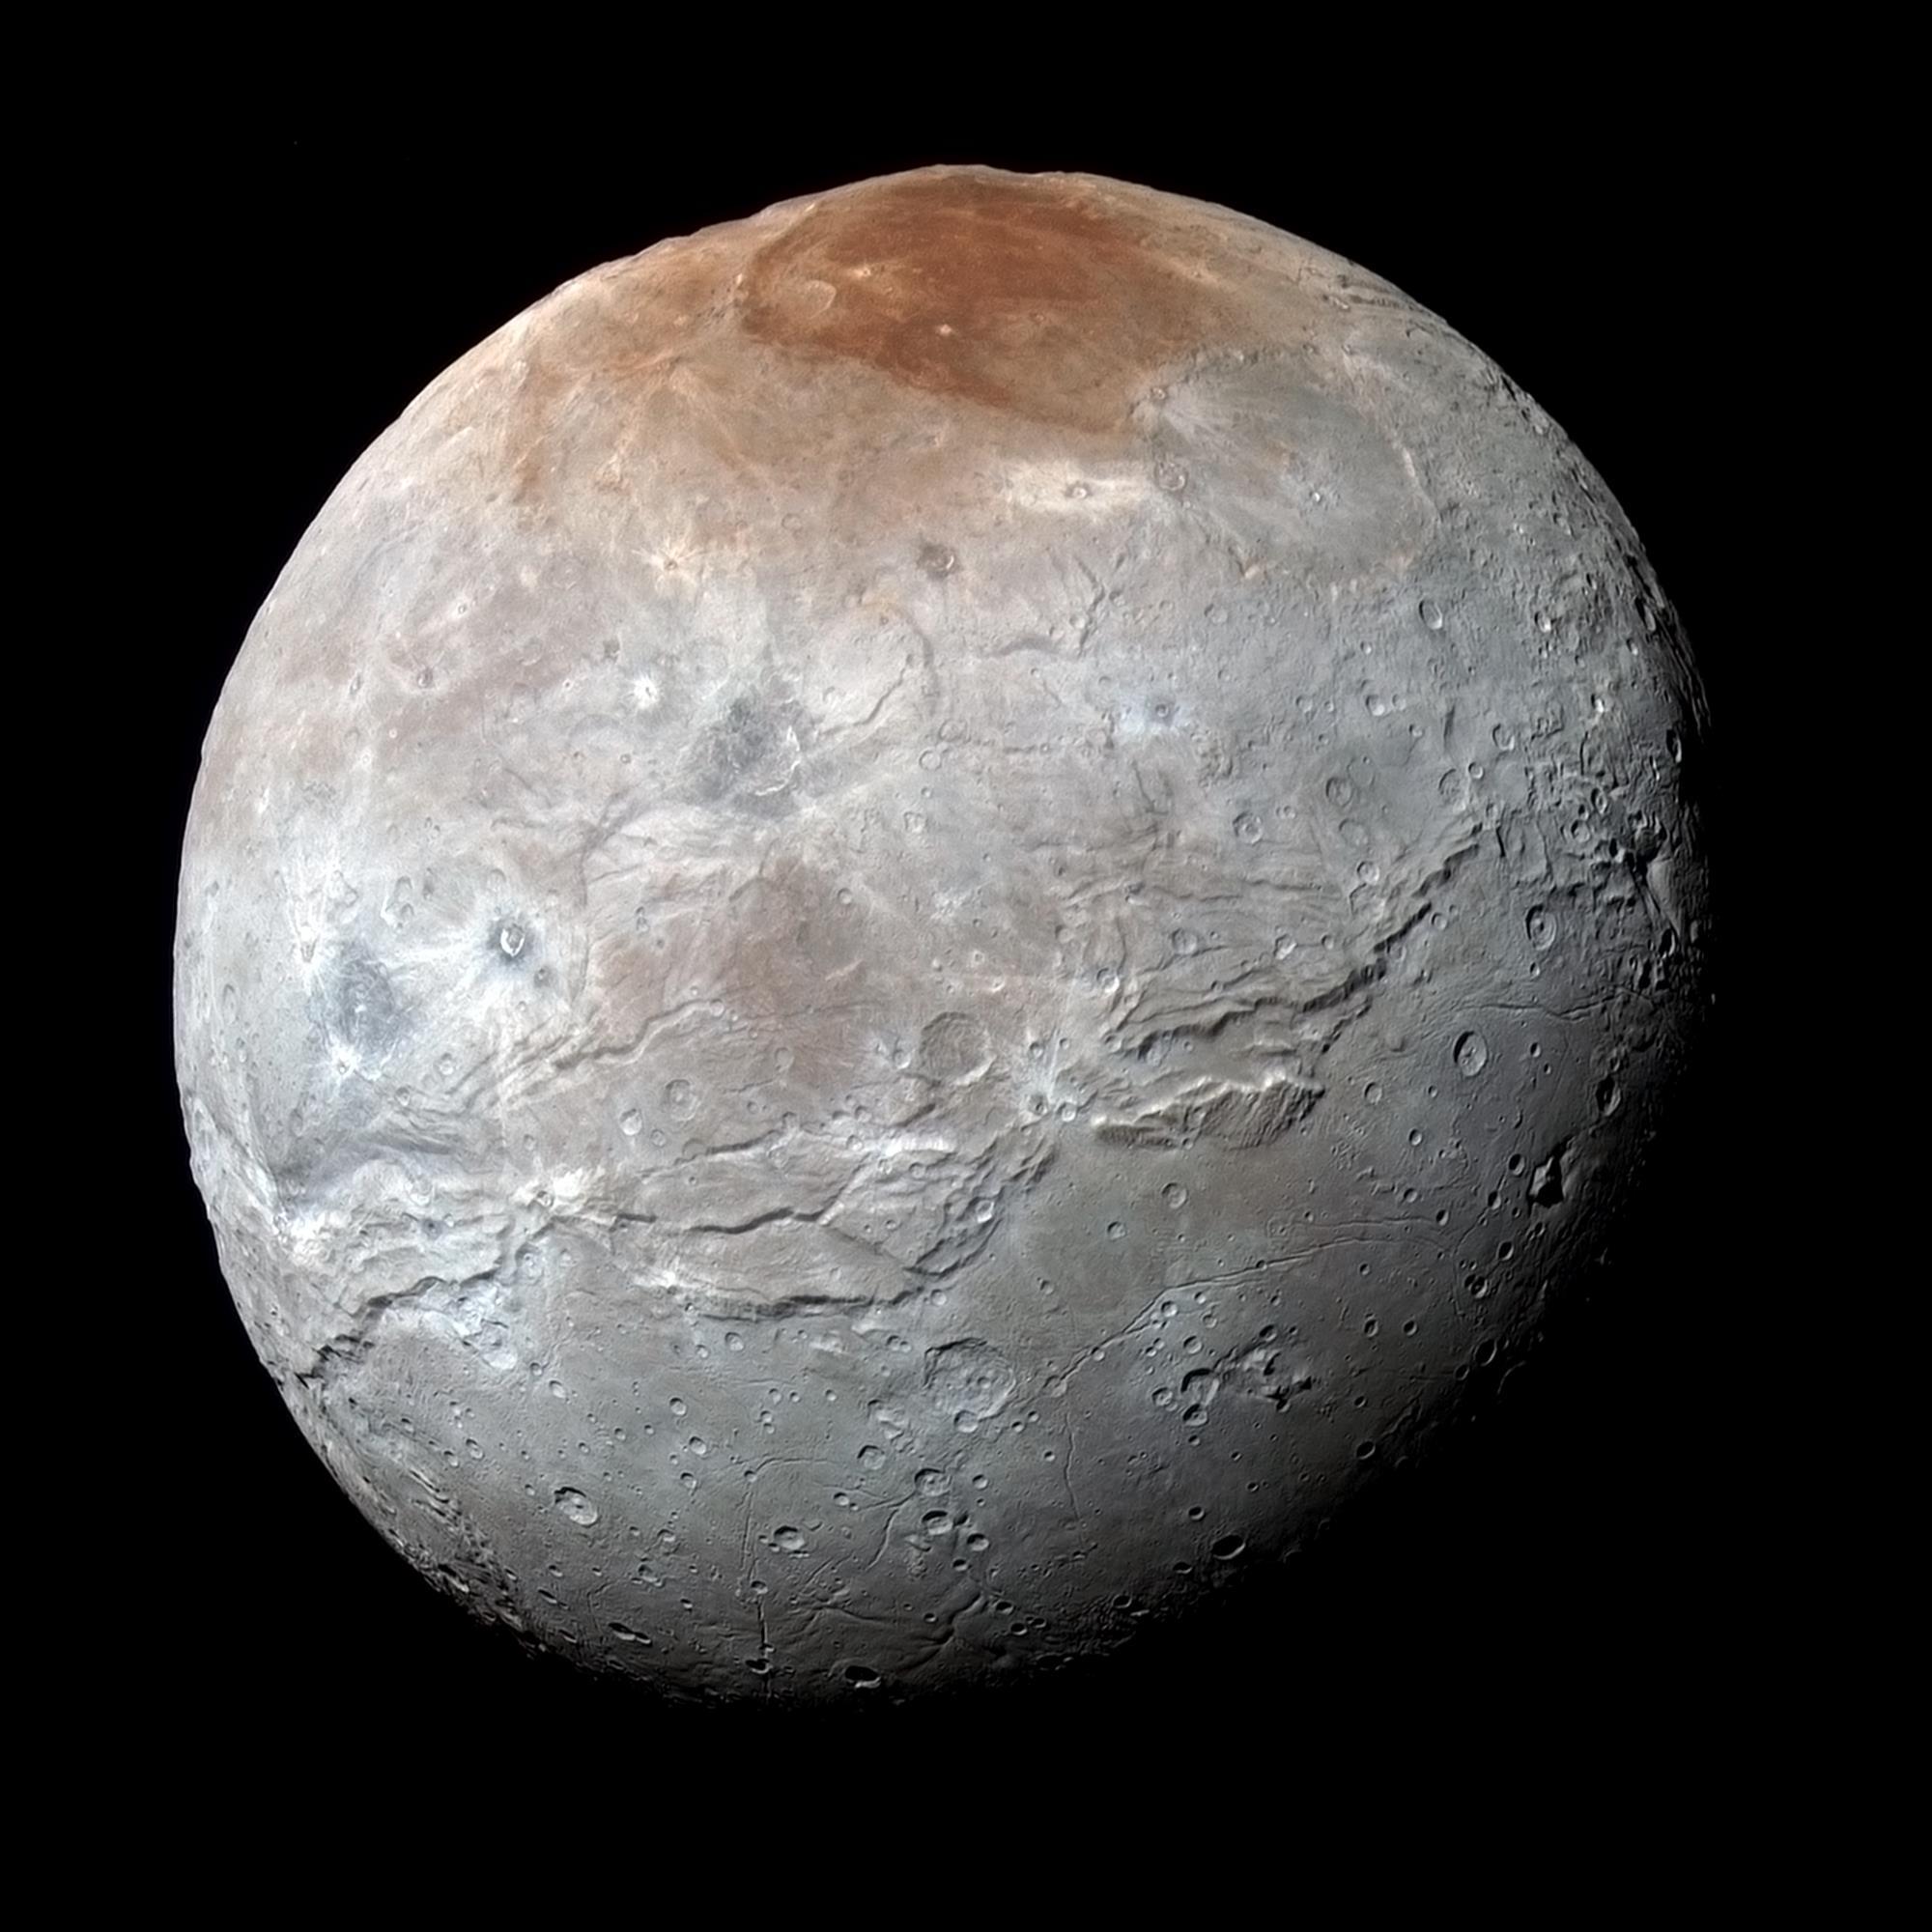 Column: Charon barst lekkerlijk uit zijn jasje